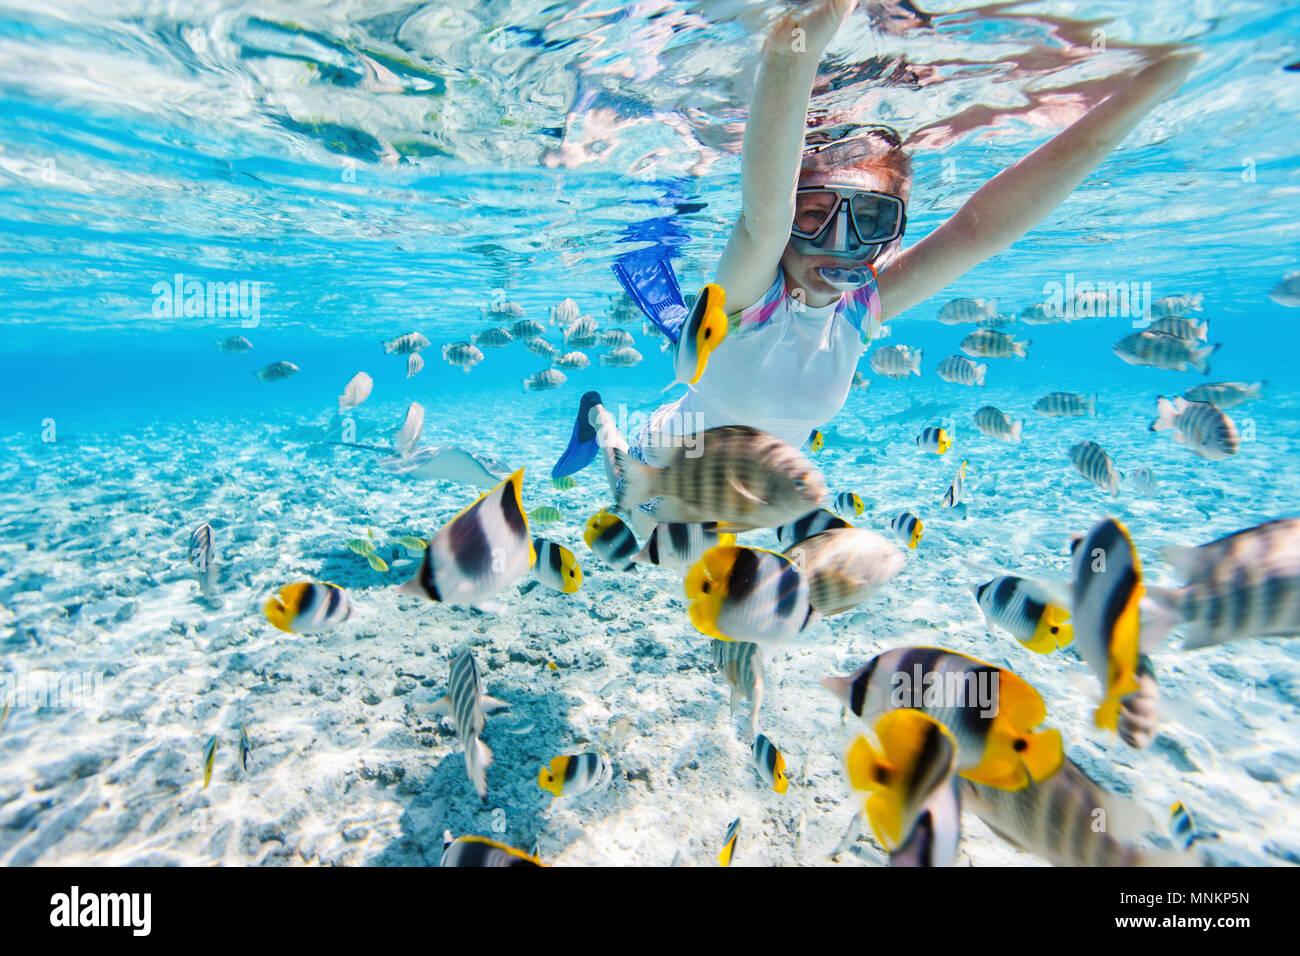 La donna lo snorkeling nelle chiare acque tropicali tra pesci colorati Immagini Stock